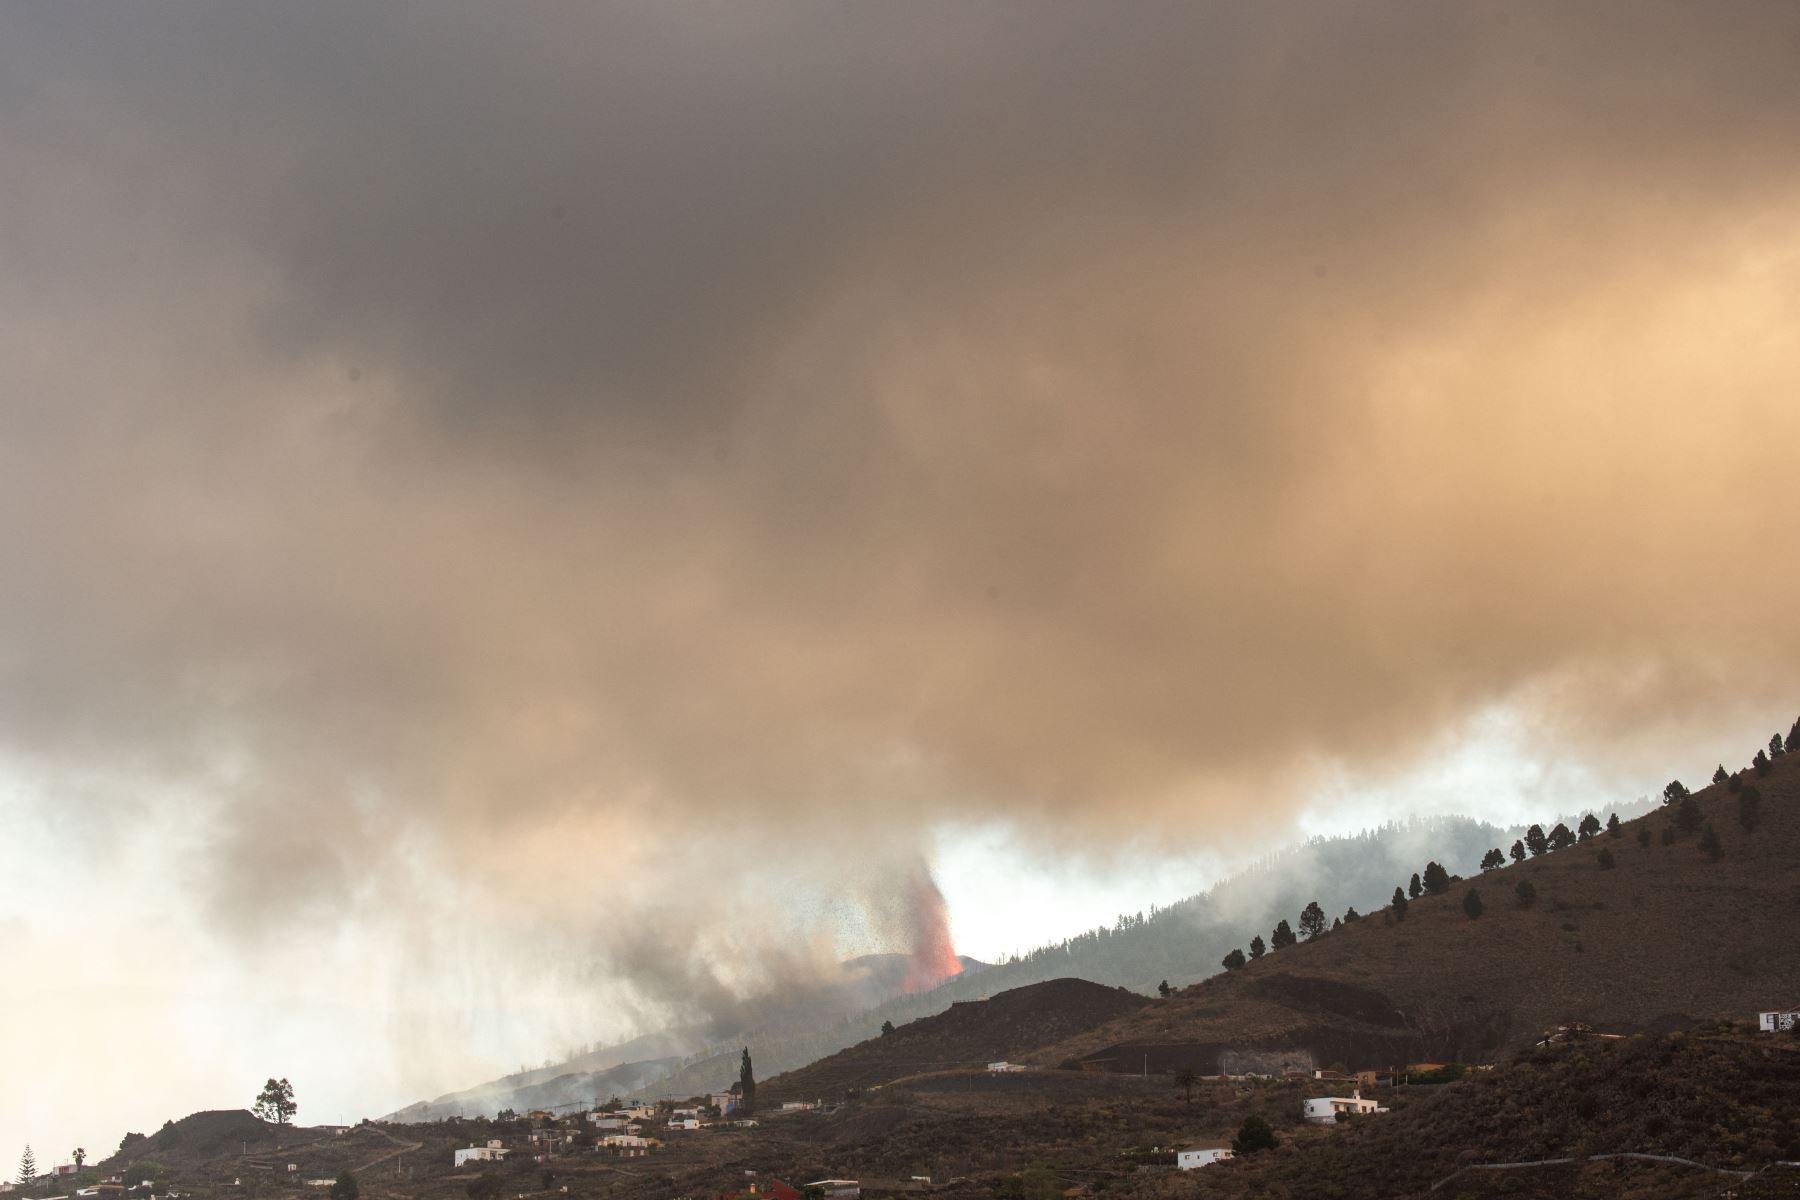 La erupción ha estallado en el municipio de El Paso, uno de los cuatro que estaban en alerta por riesgo volcánico. Foto: AFP